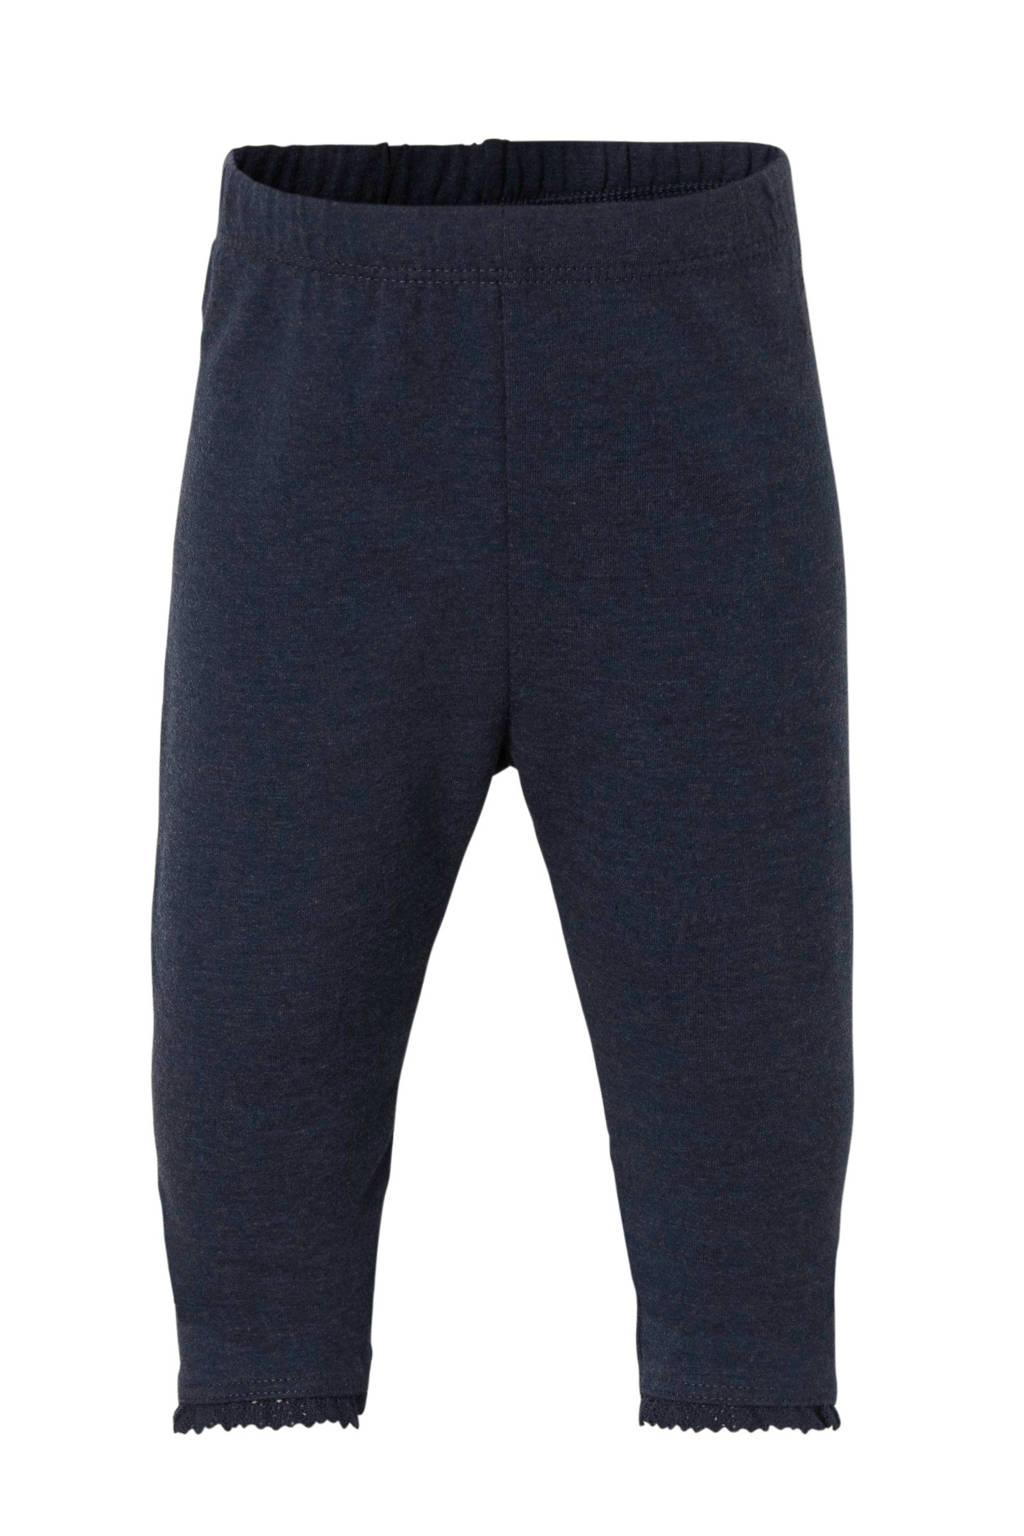 GAP baby legging donkerblauw, Donkerblauw